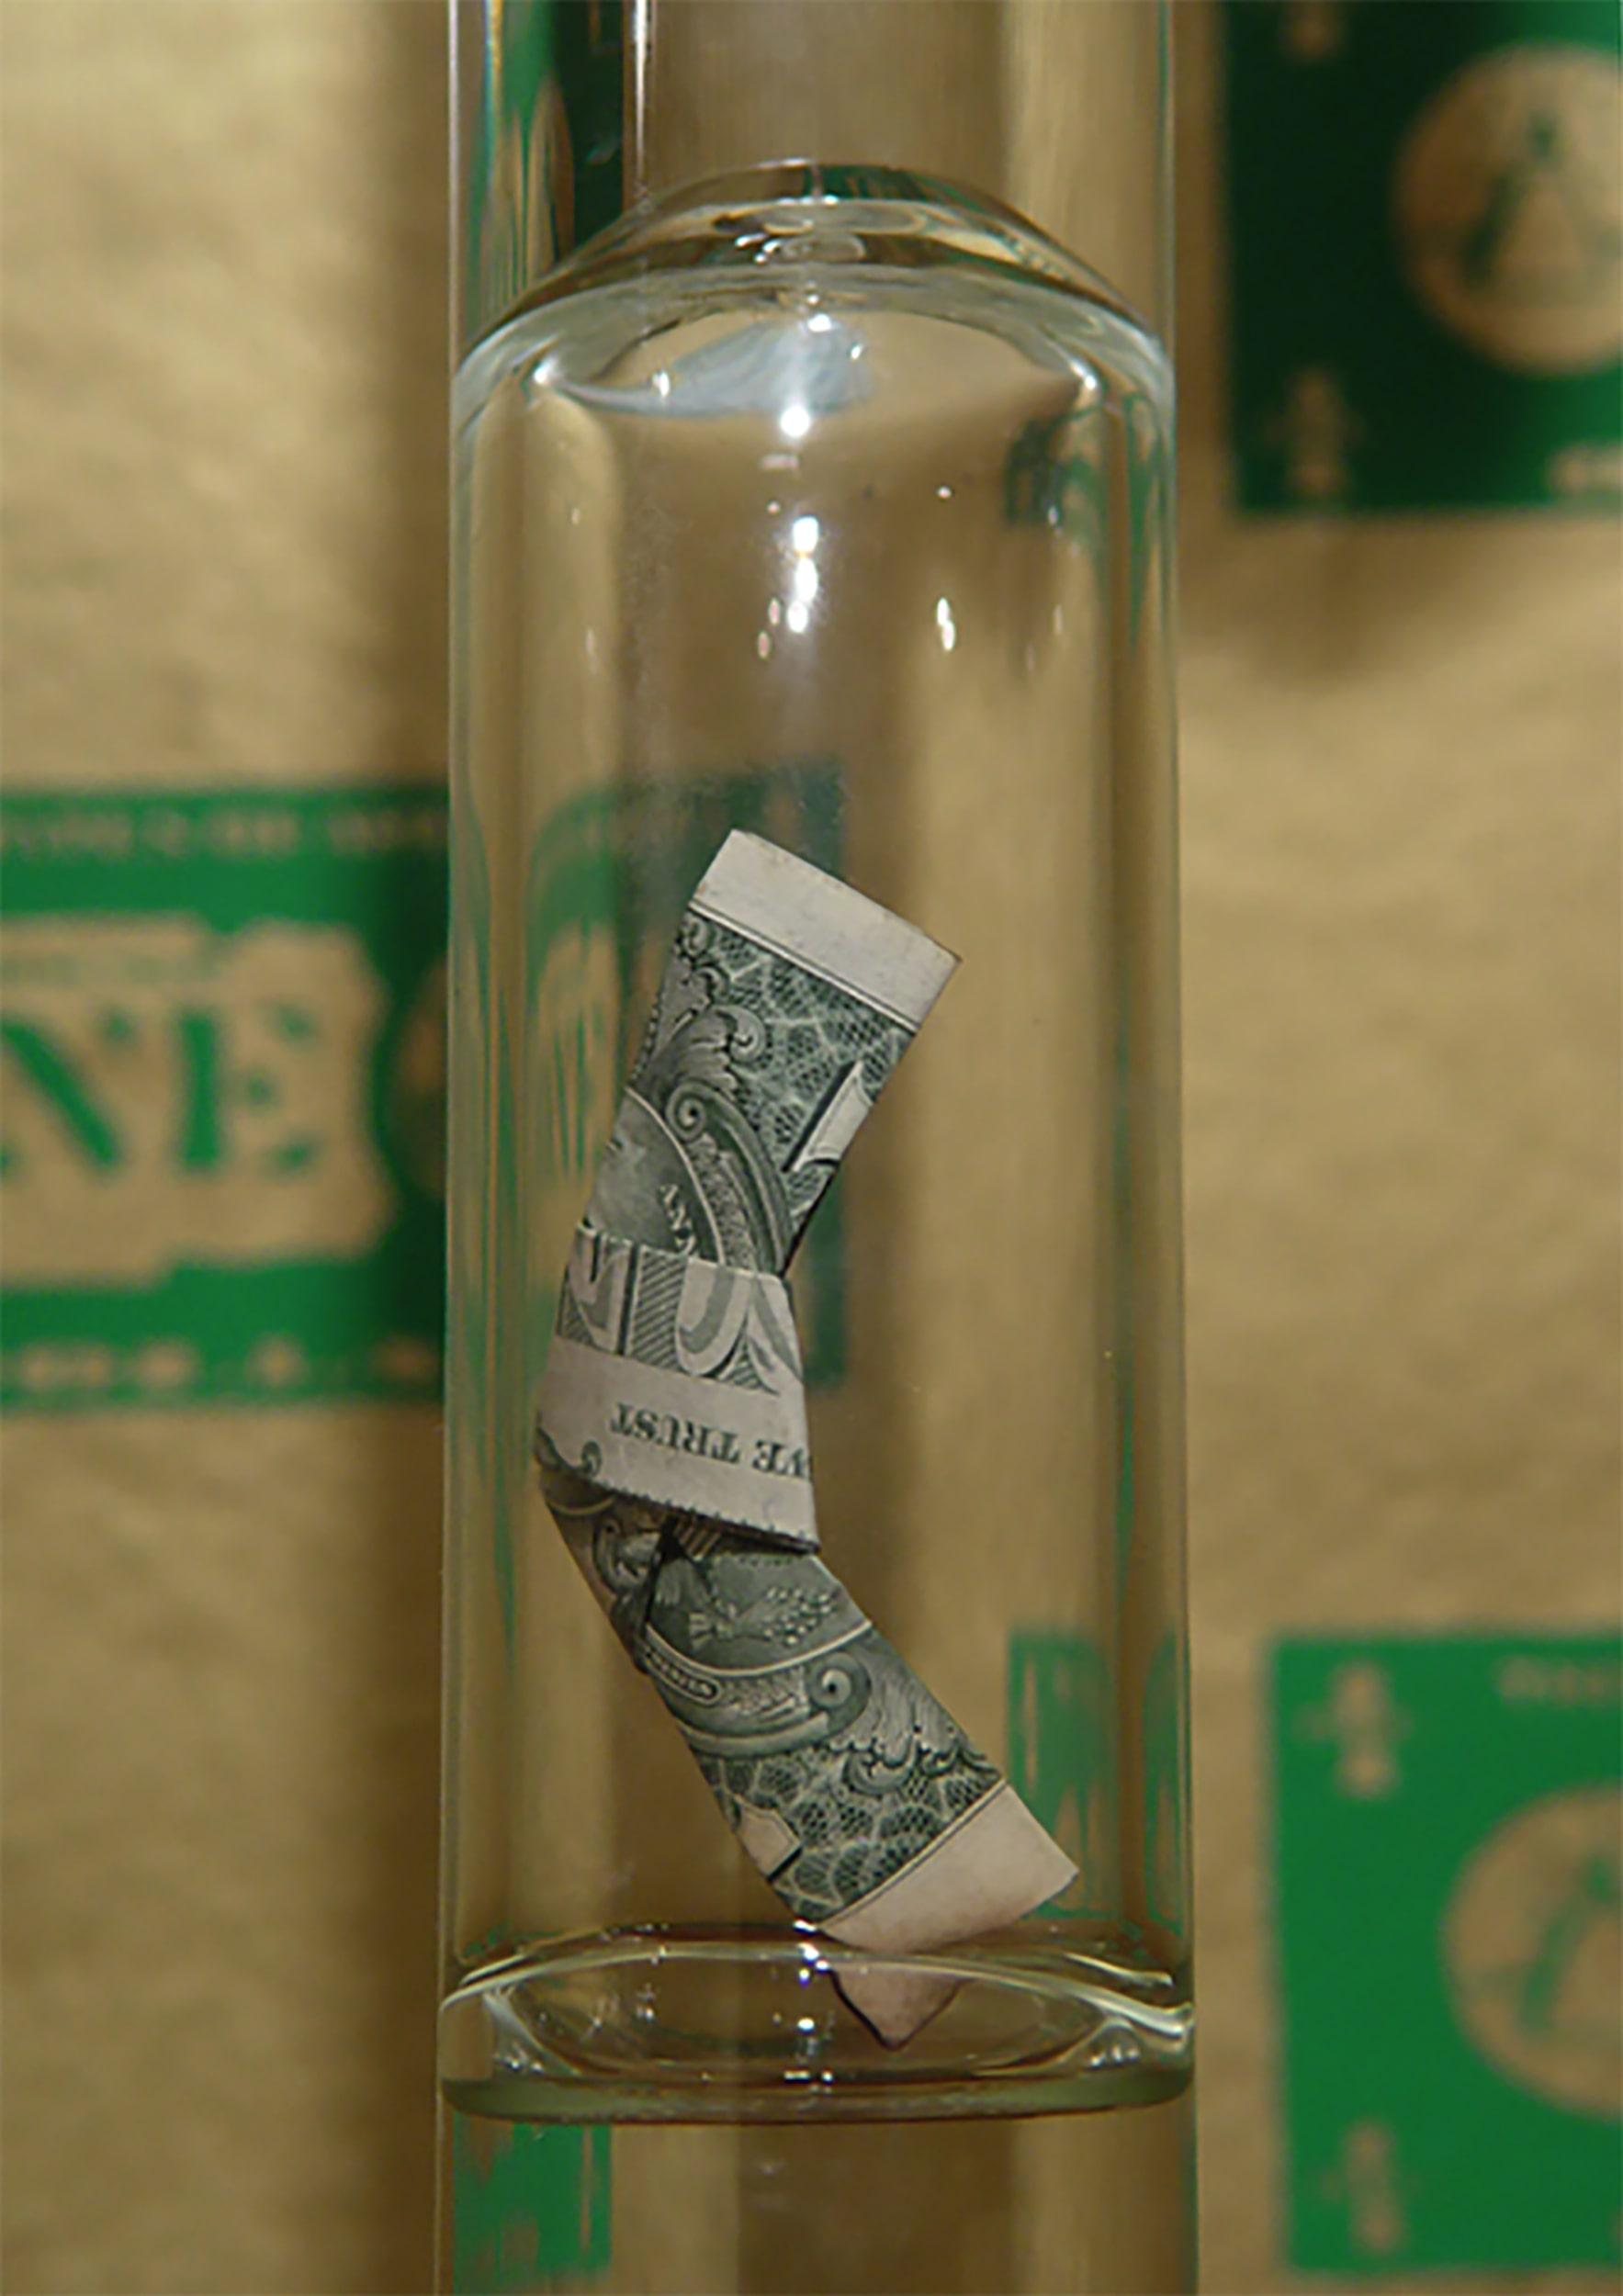 lucky day dollar esteban peña art